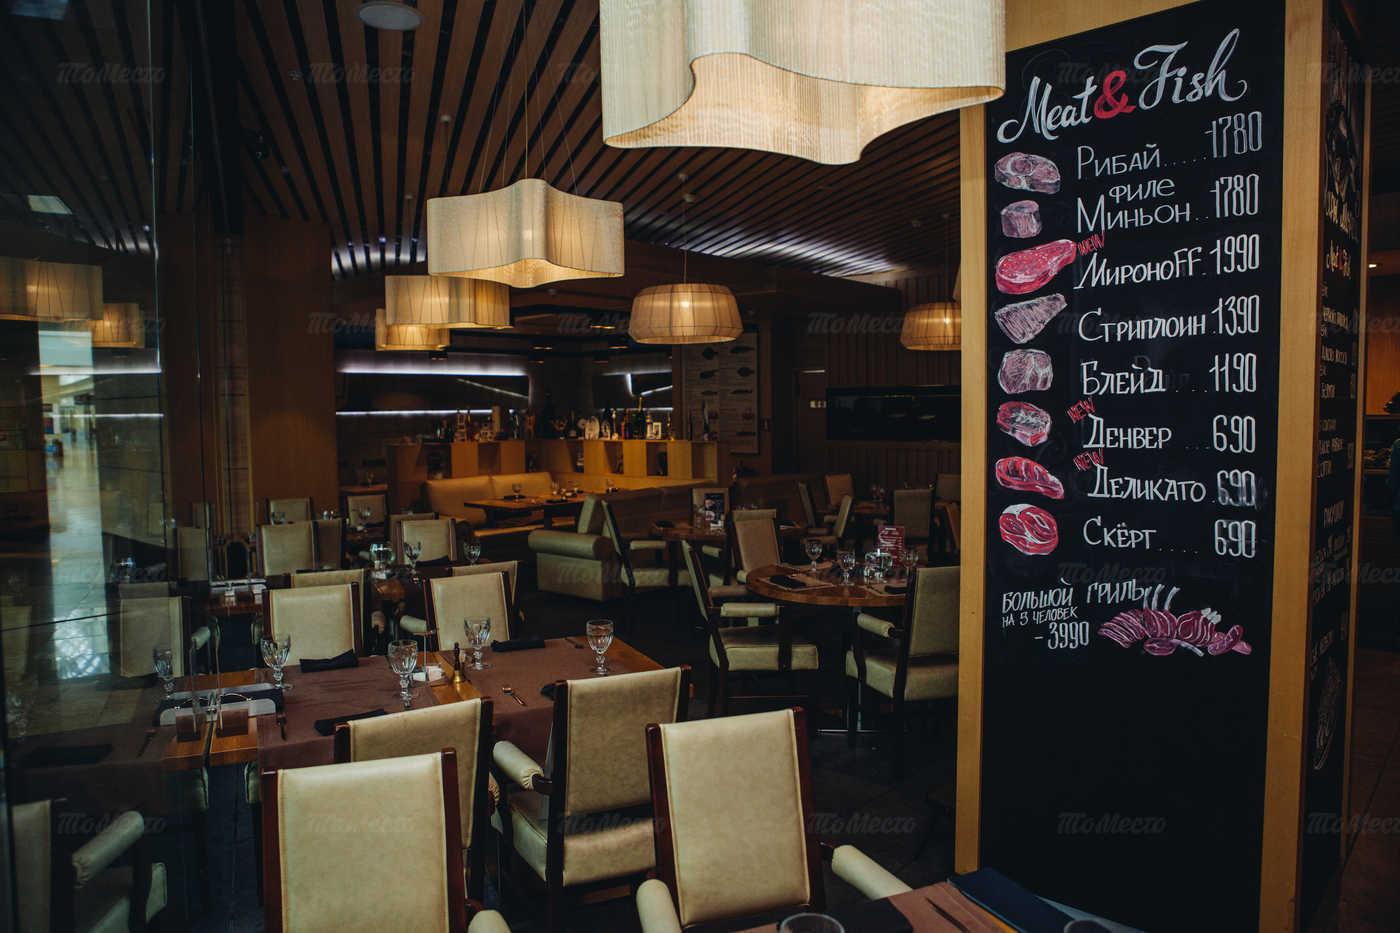 Ресторан Мясо & Рыба (Meat & Fish) на Пресненской набережной фото 3